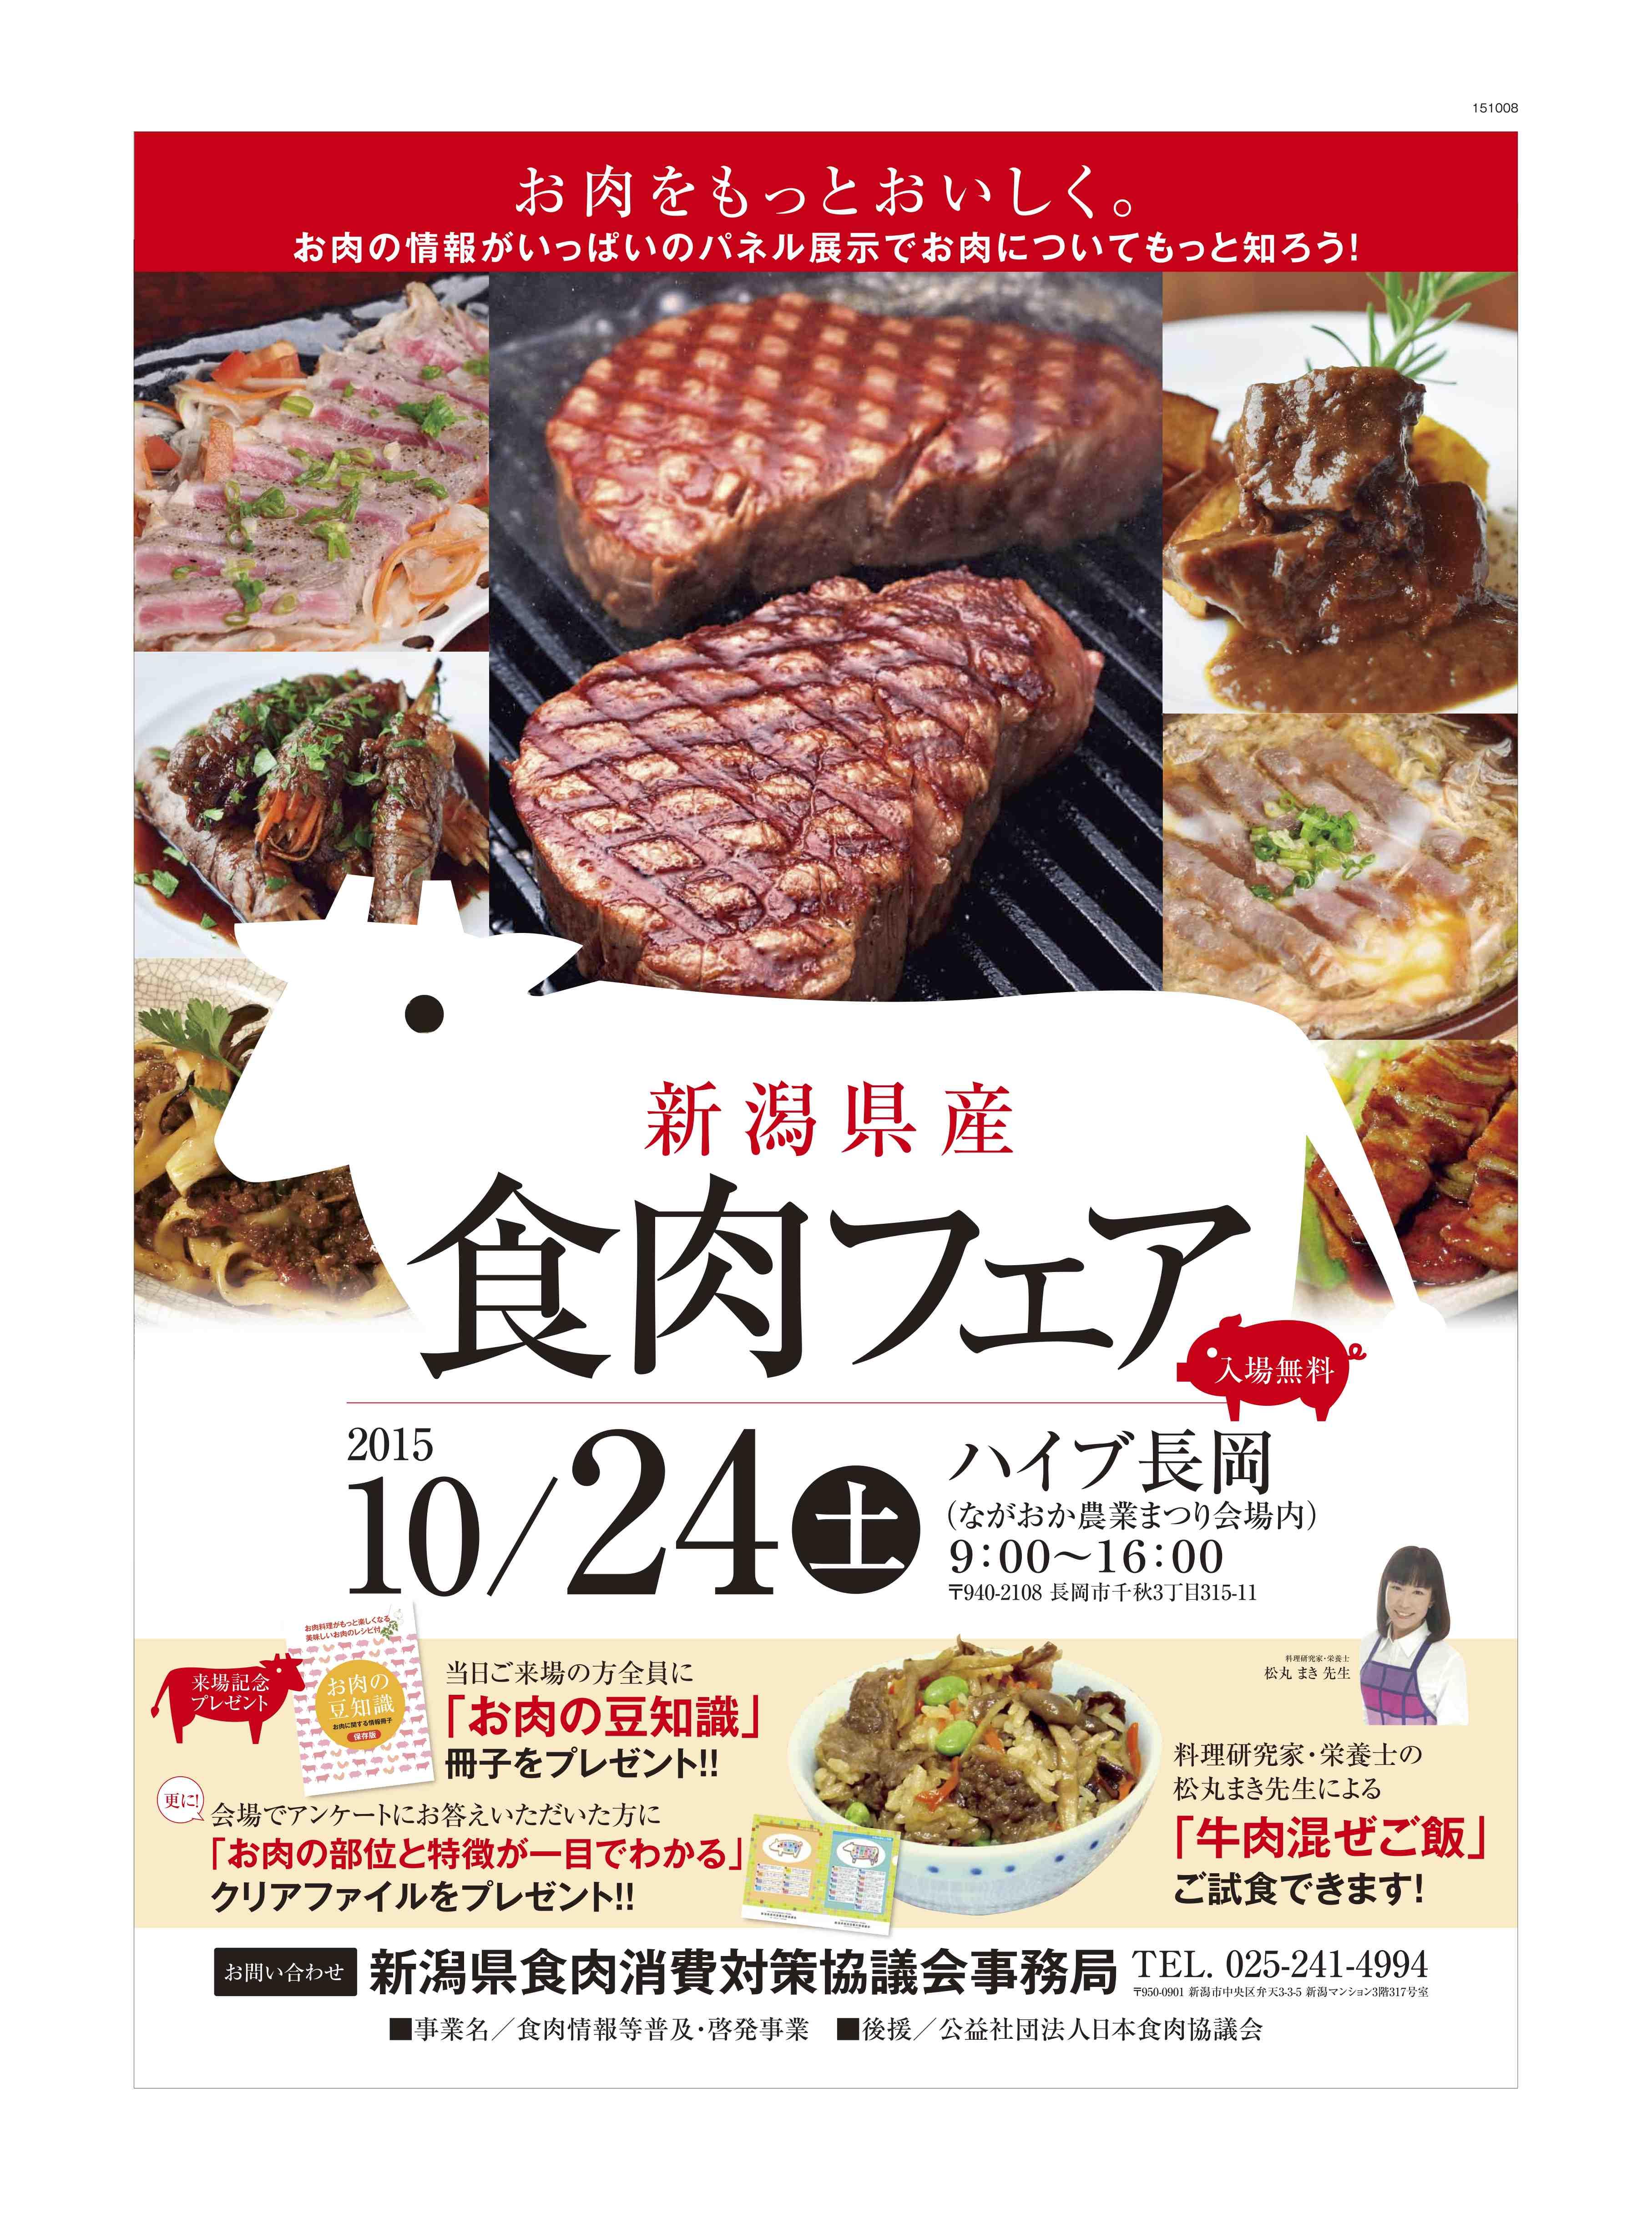 食肉フェア2015